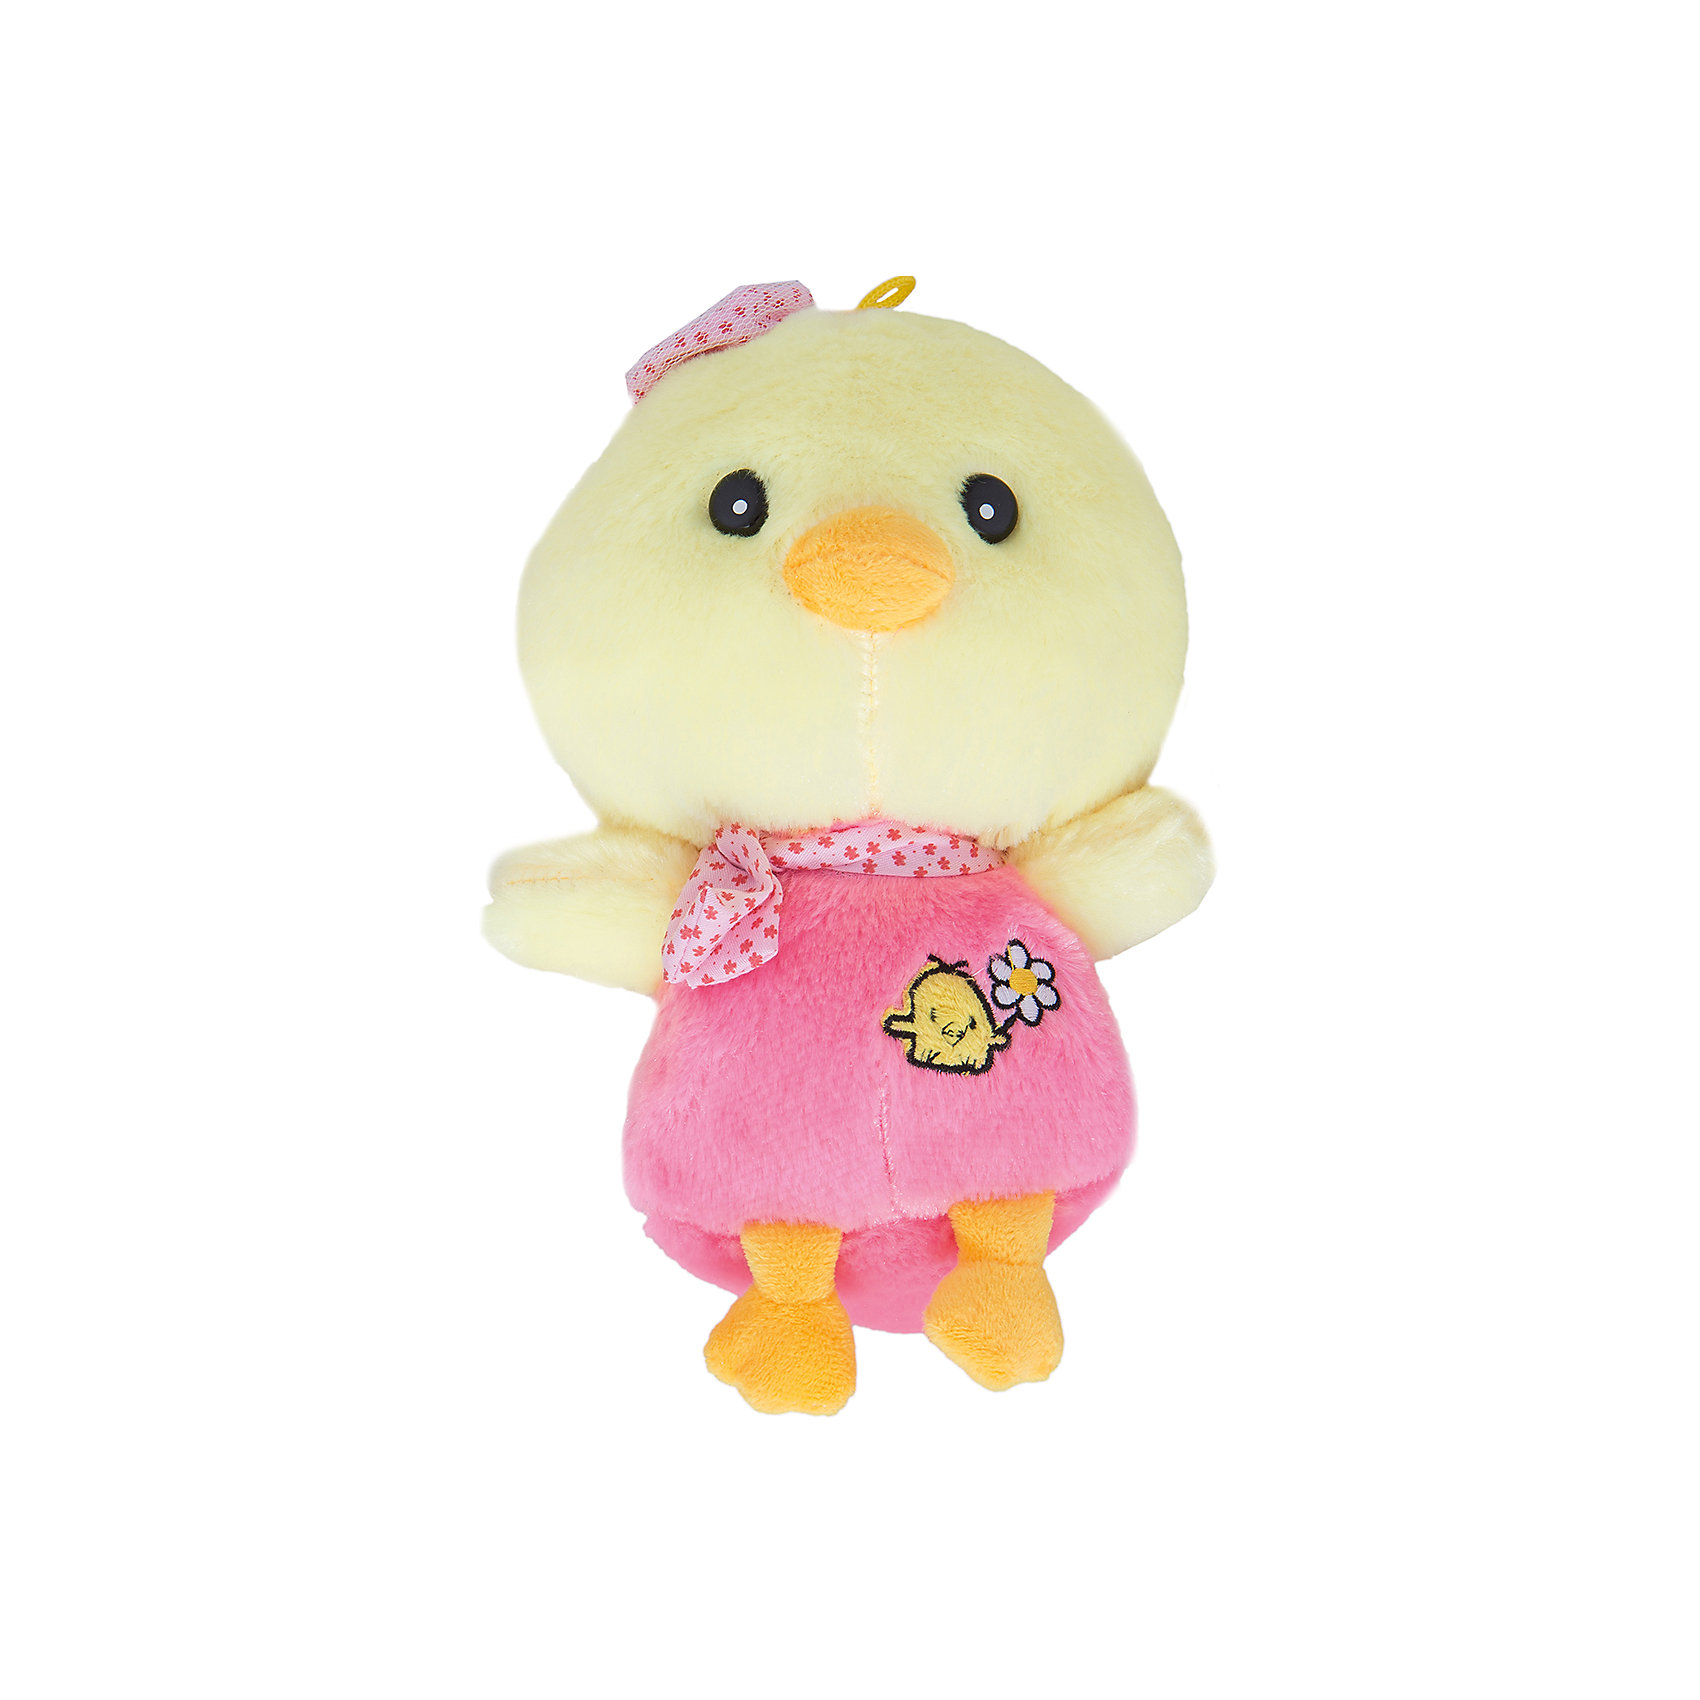 - Мягкая игрушка Цыпленок Вася 20 см , ПУФФИ пуффи сув обезьянка с сердцем